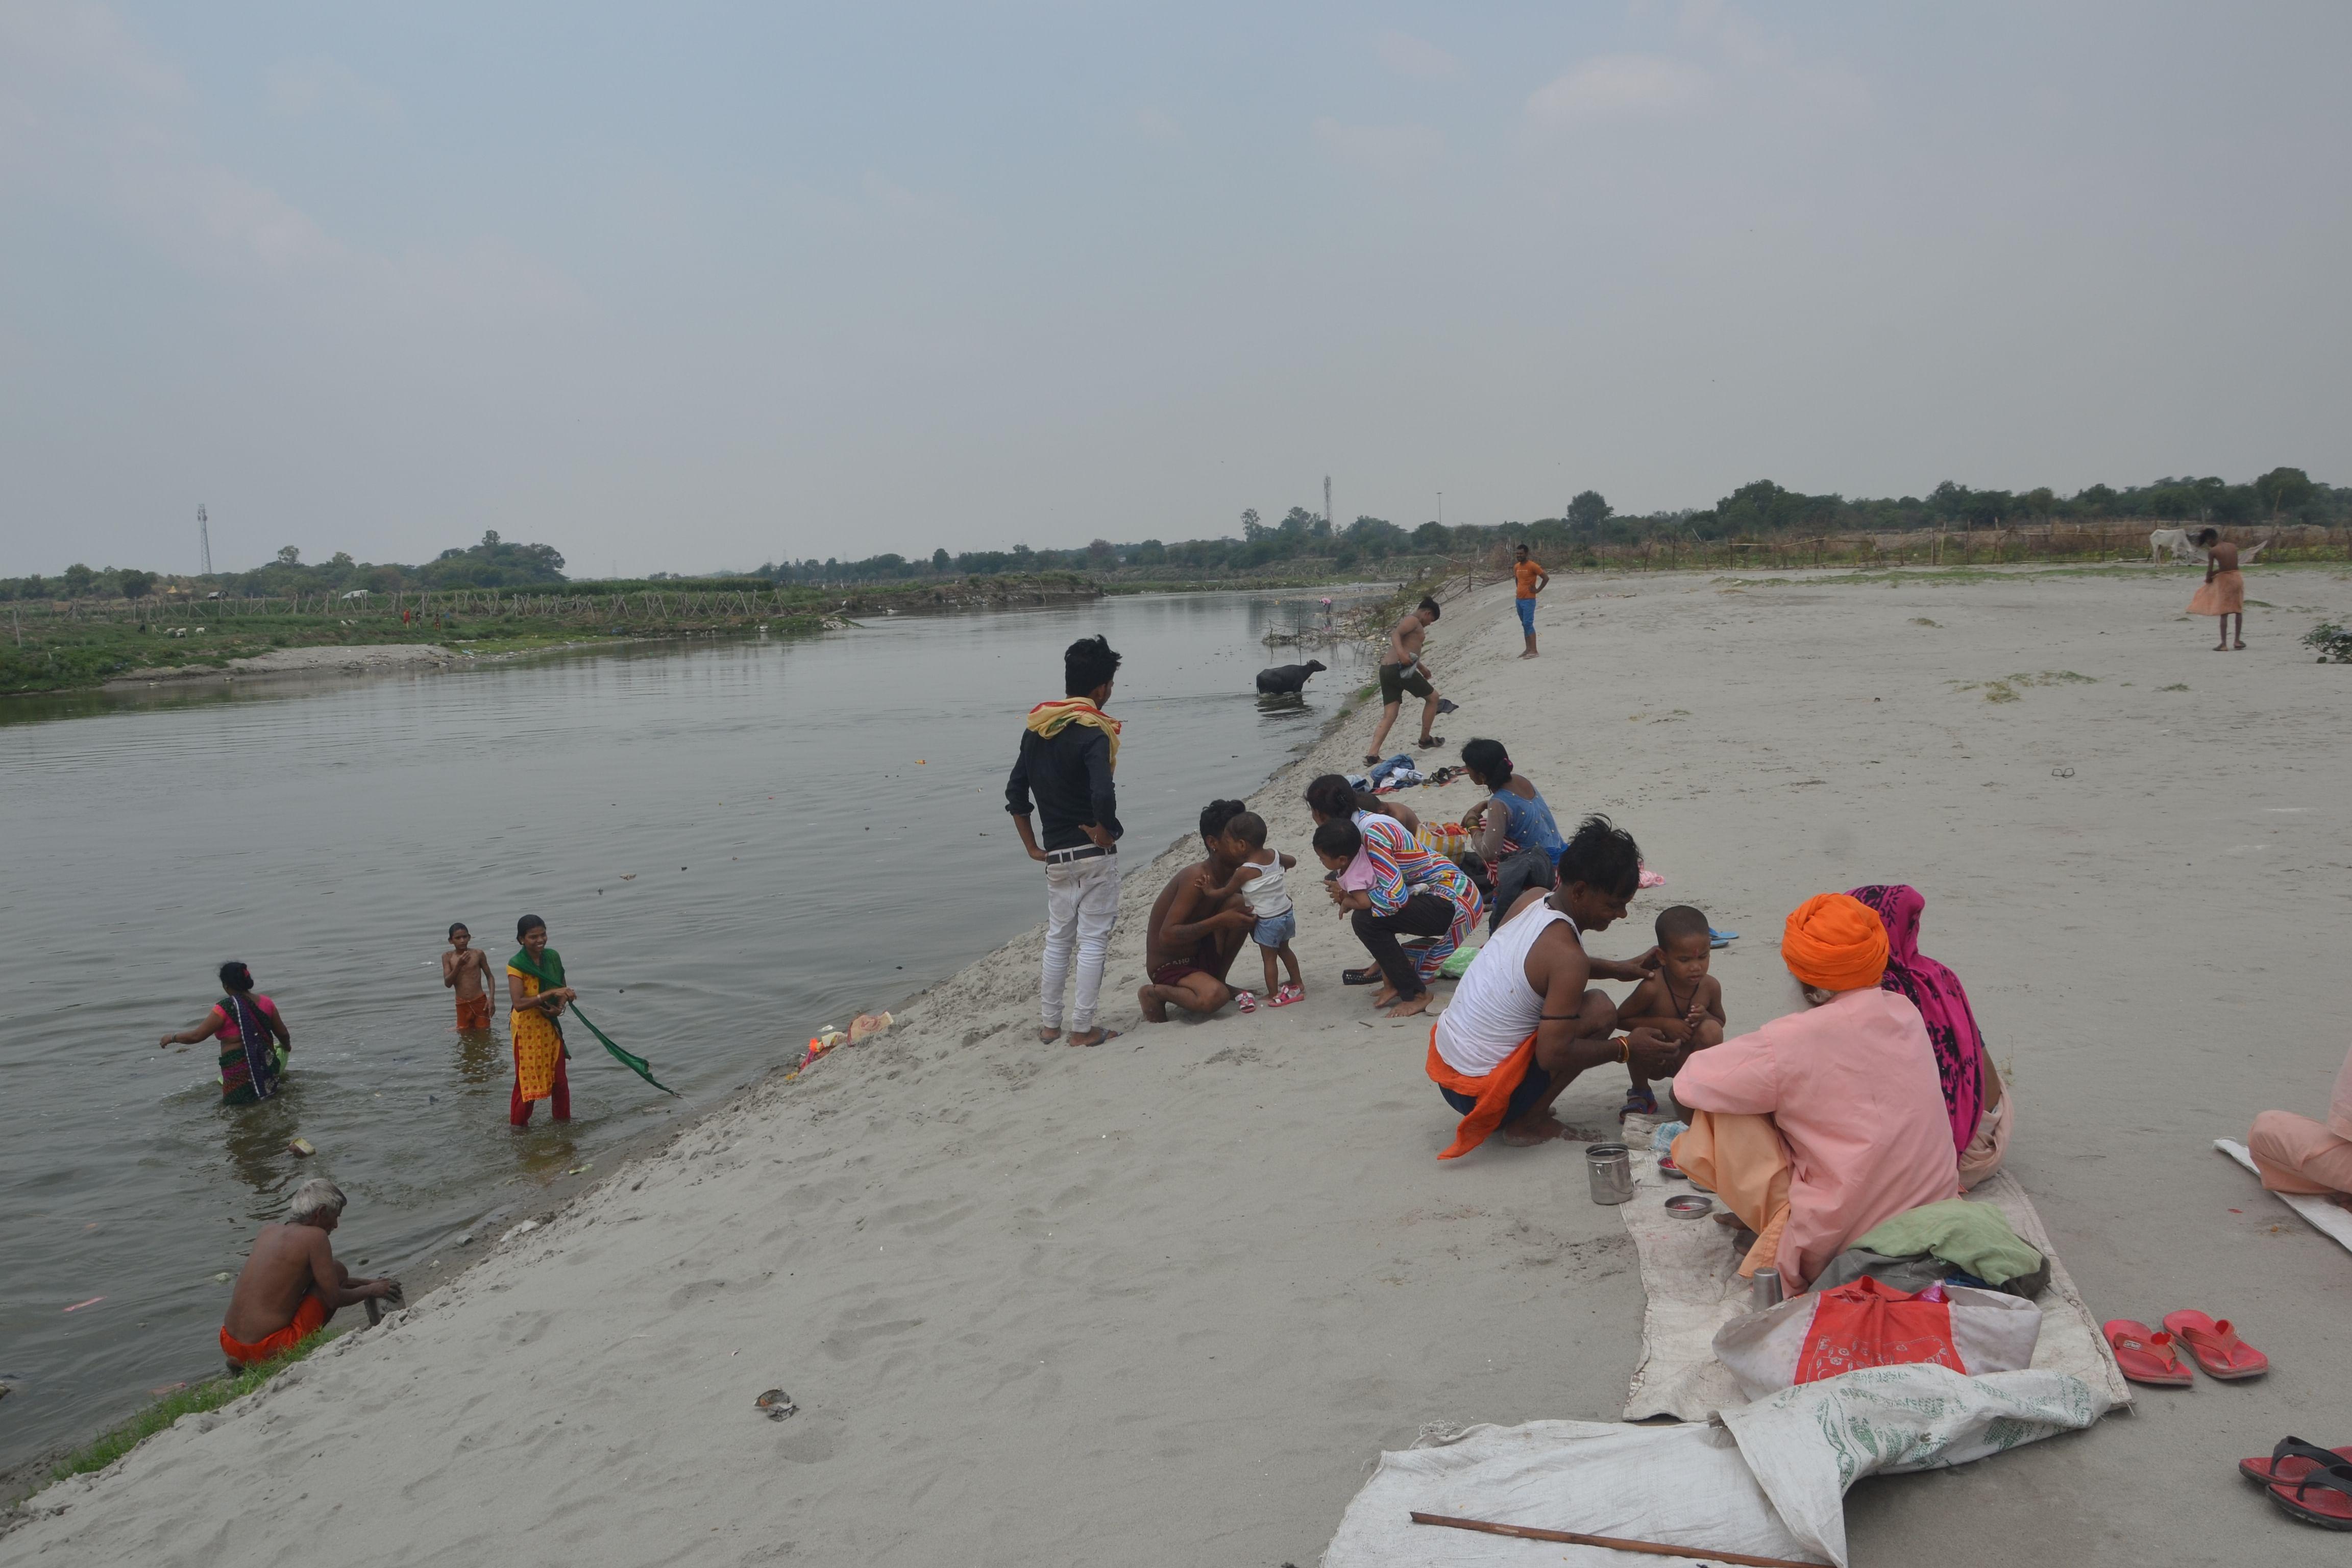 गंगा दशहरा पर्व पर यमुना नदी किनारे पूजा करते श्रद्घालु